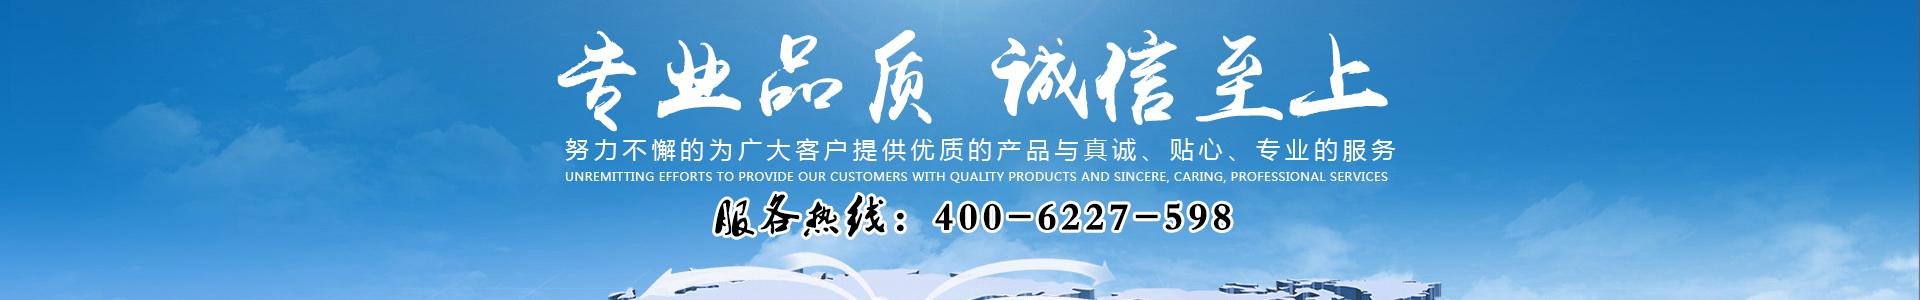 【风机】【上海】湿式电除尘器及附风机等招标公告